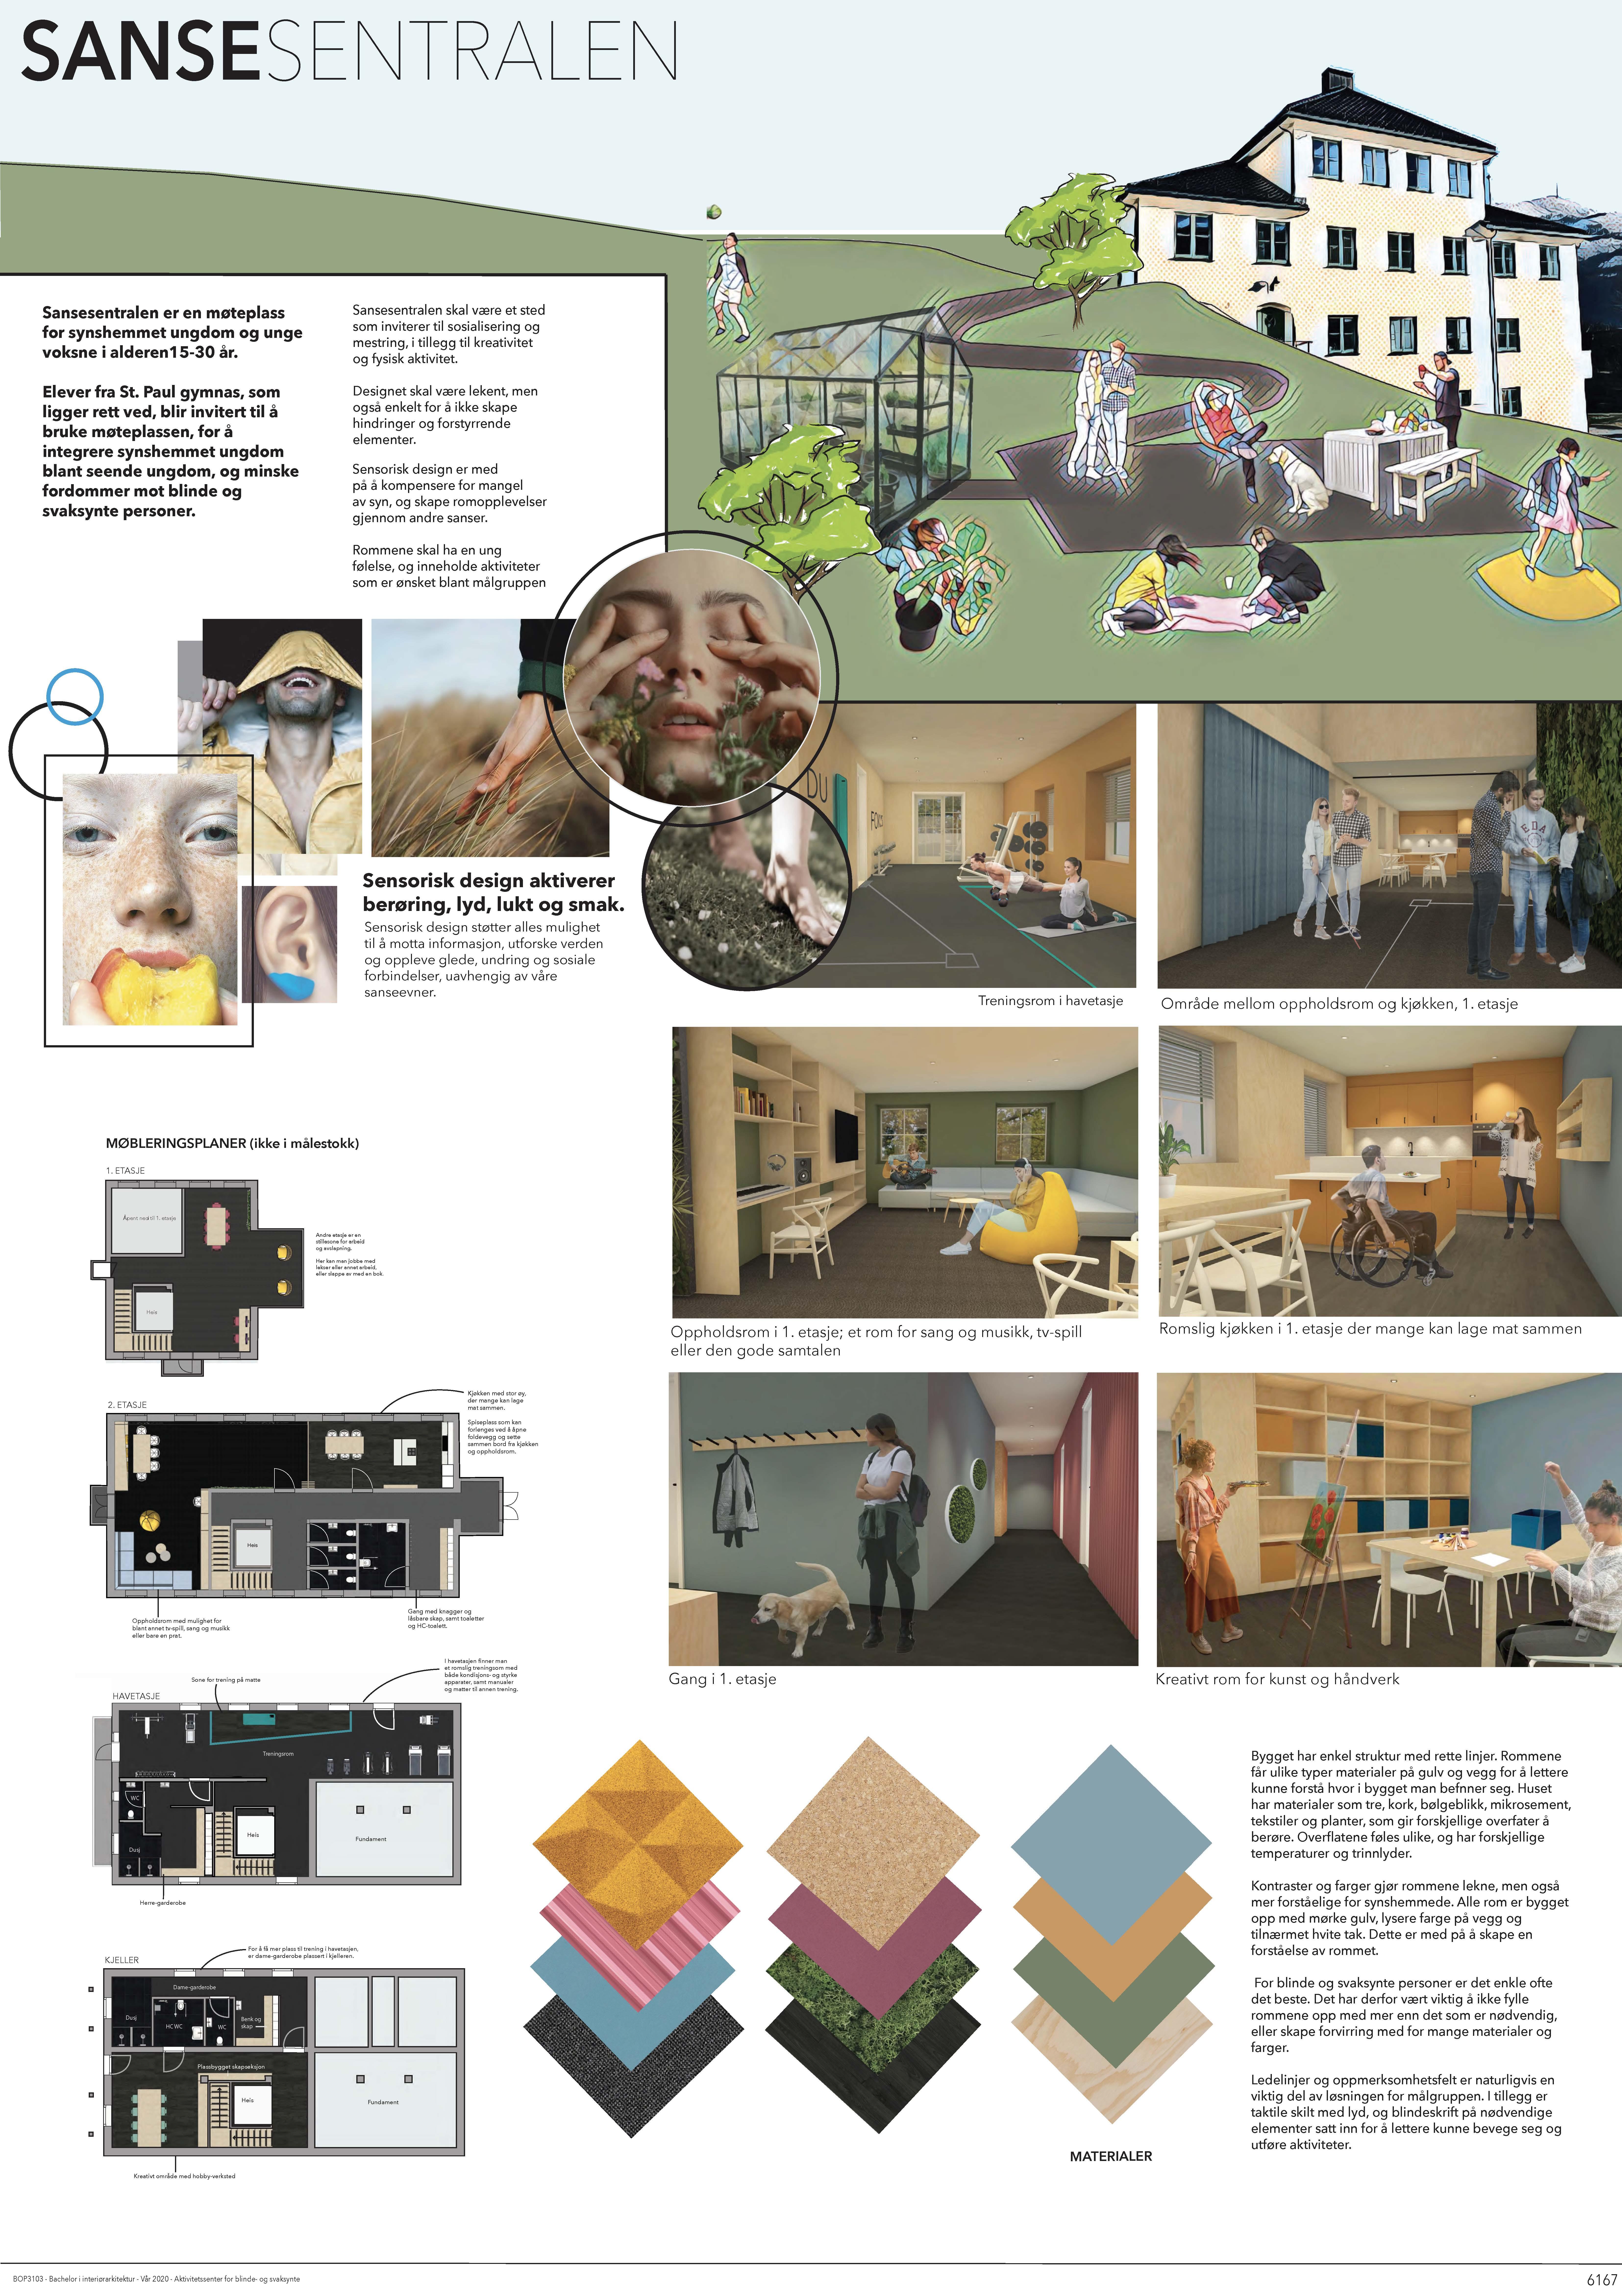 Westerdals Institutt for Kommunikasjon og Design - Sansesentralen: Møteplass for synshemmet ungdom